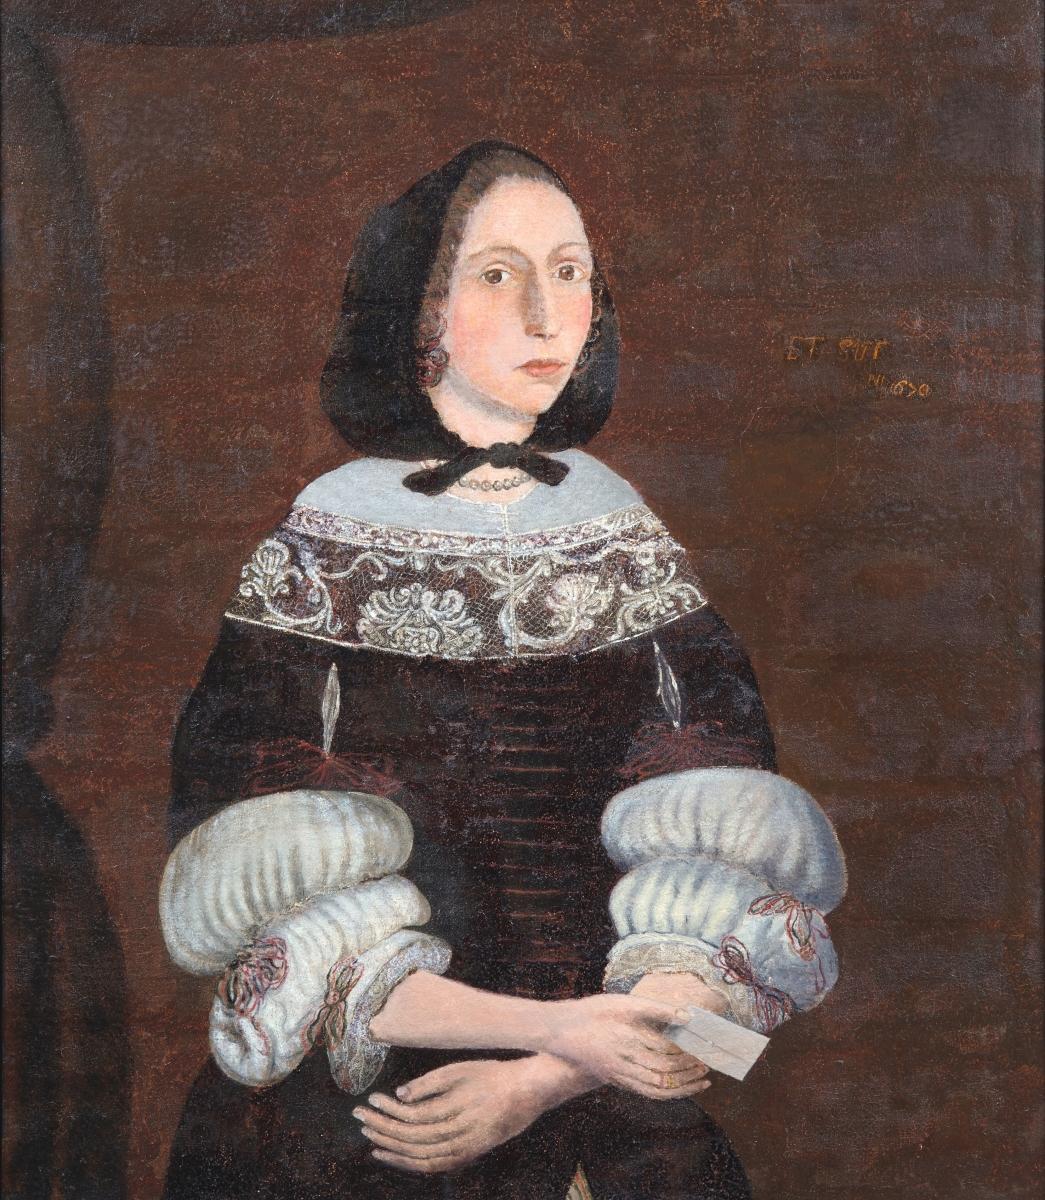 """Artist unknown, """"Rebecca Rawson,"""" Boston, 1670, oil on canvas, gift of Reuben Rawson Dodge, 1884, accession No. R0017"""